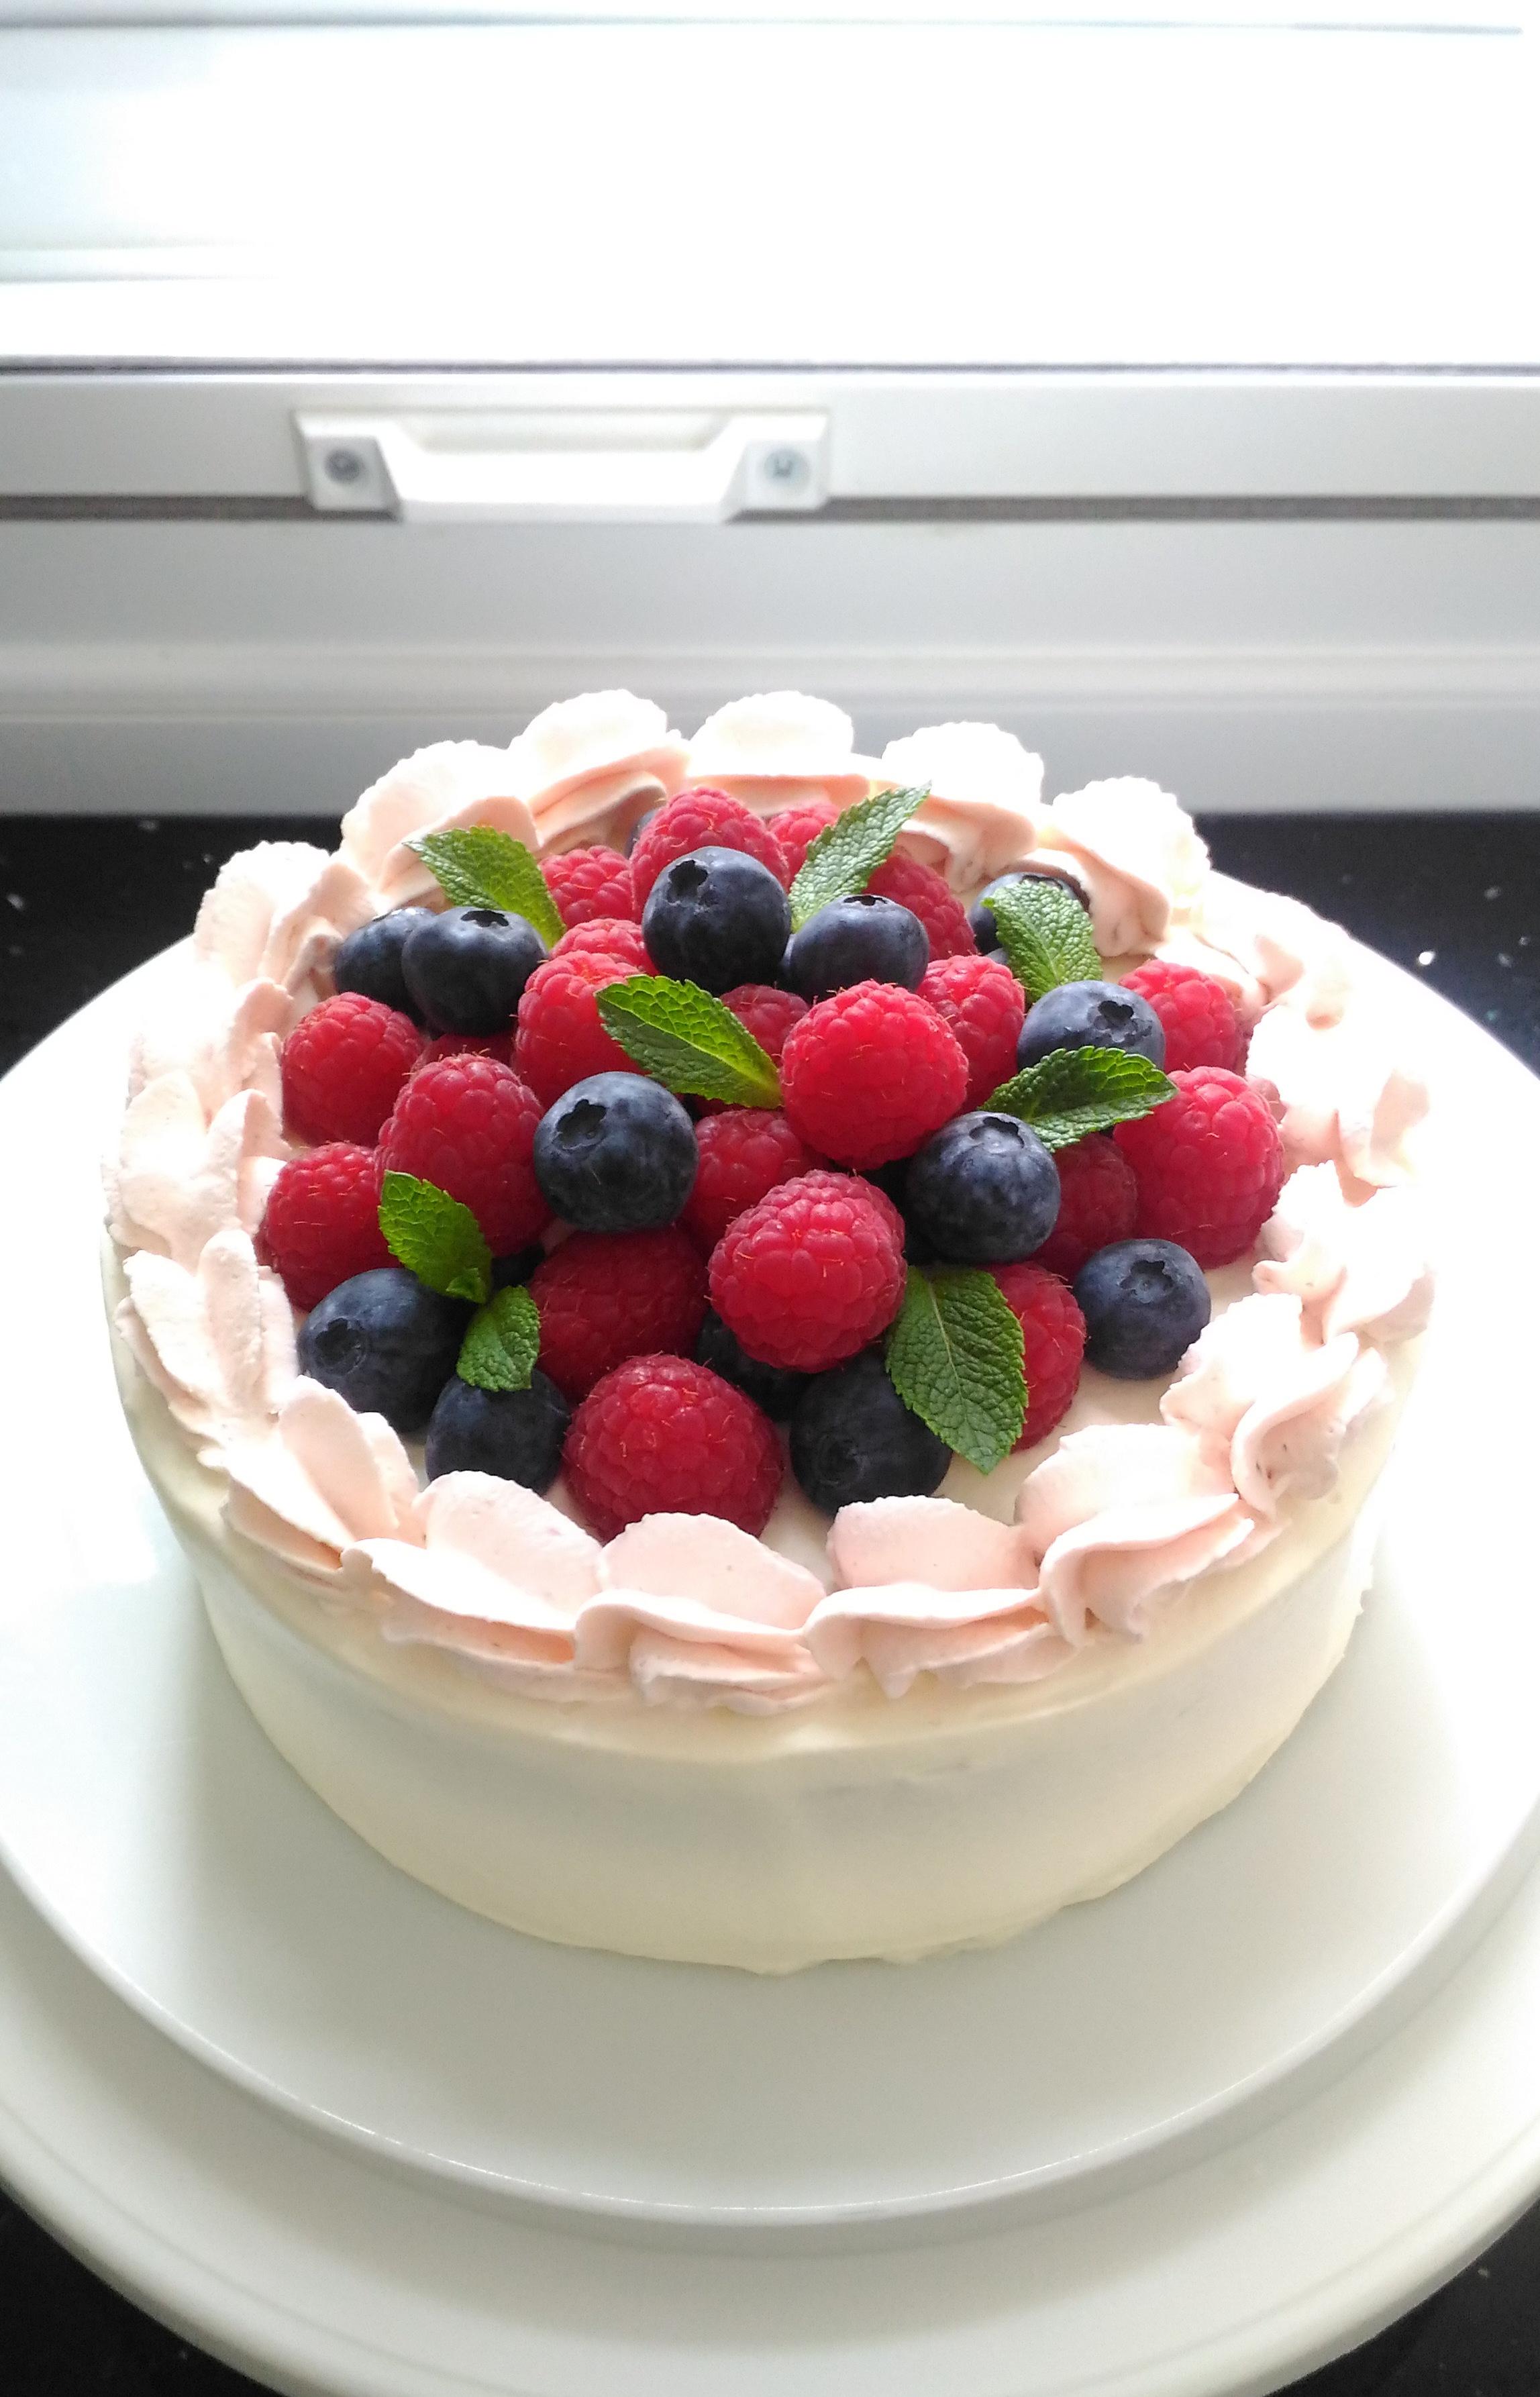 イギリスで作ったホールケーキ。日本で作っていたものと同じような味に仕上がりました!